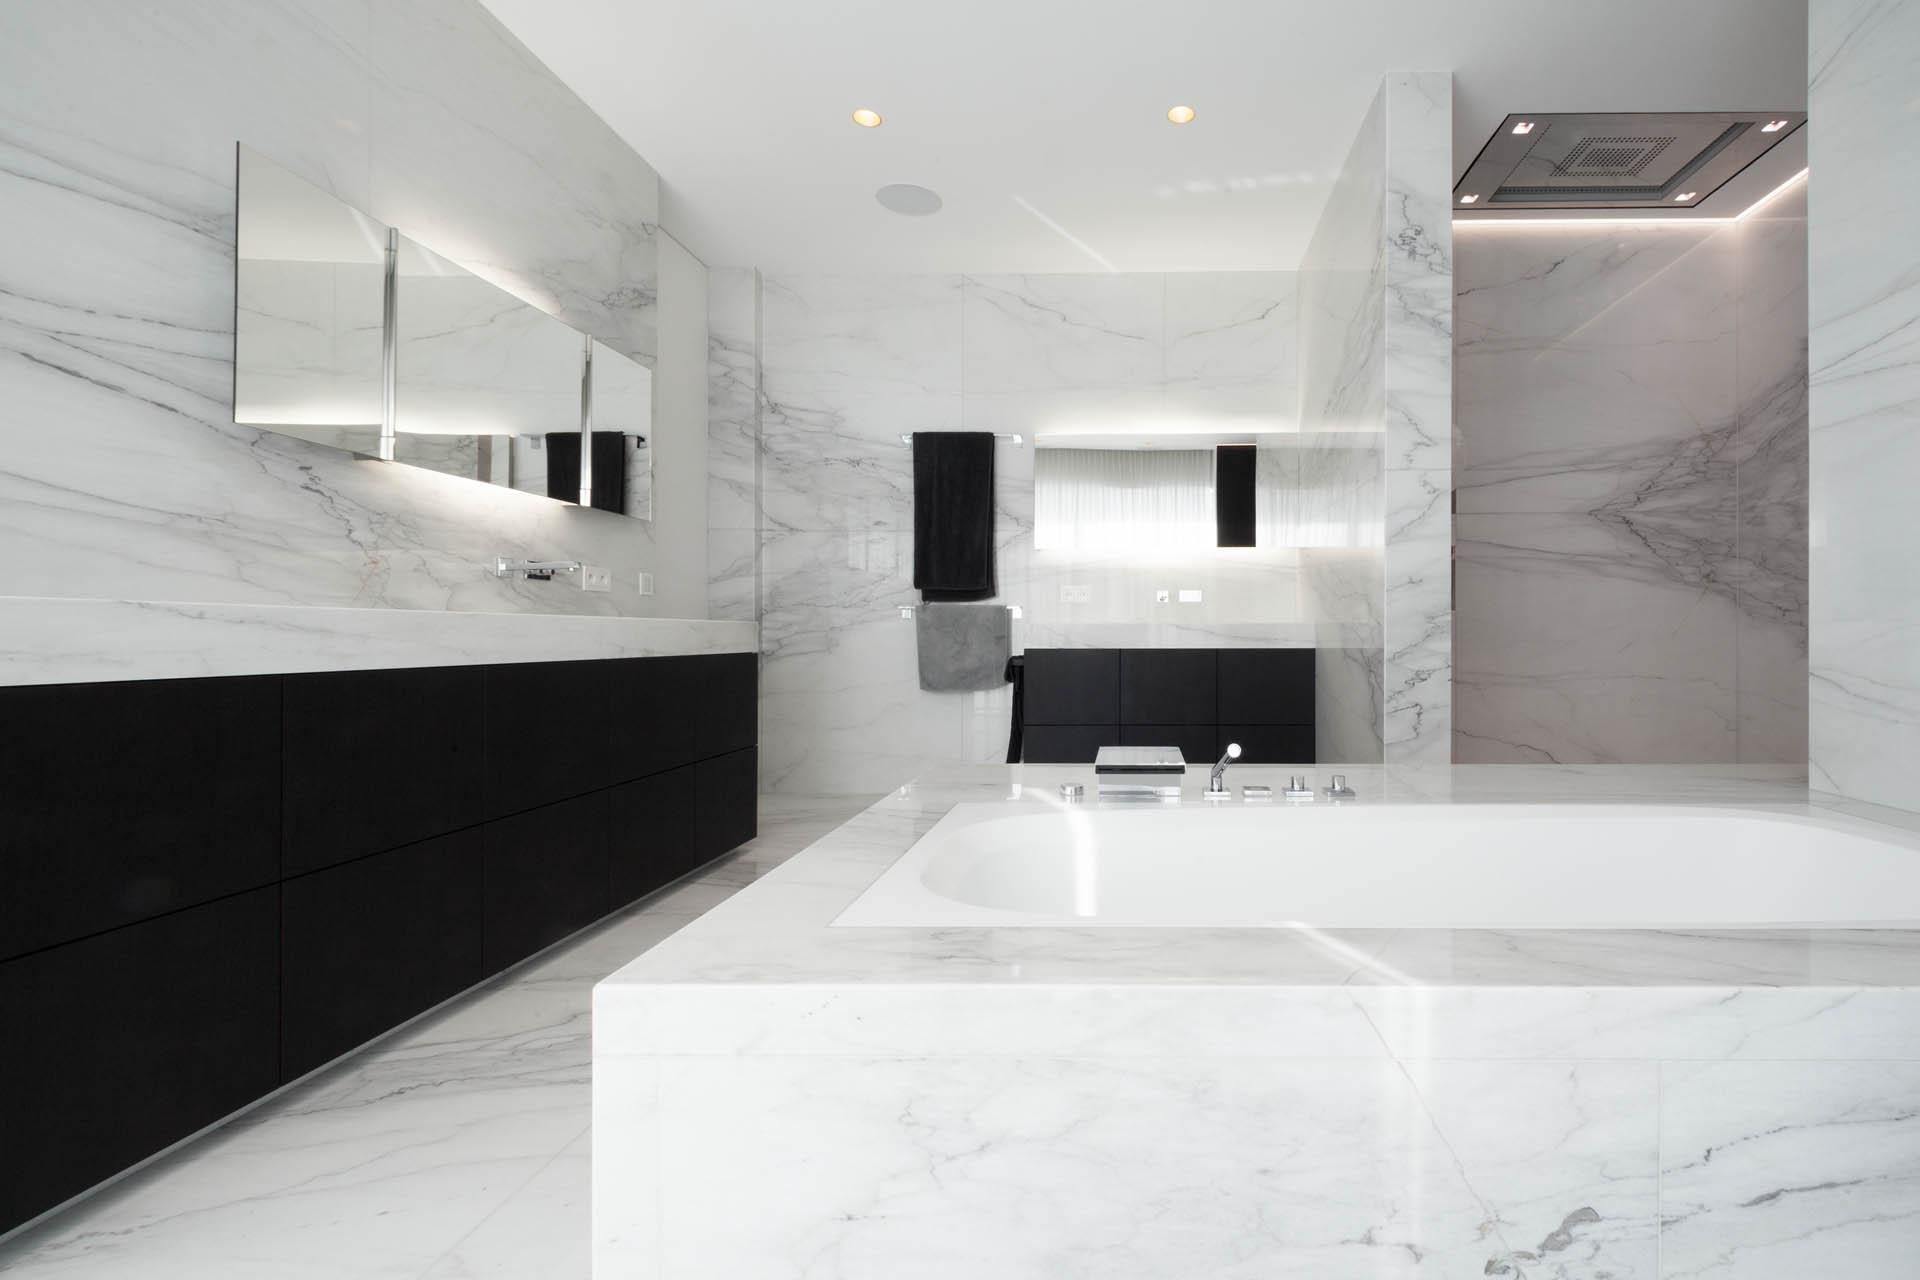 Badmöbel mit Naturstein - Badgestaltung für höchste Design Ansprüche aus einzigartigen Marmoren